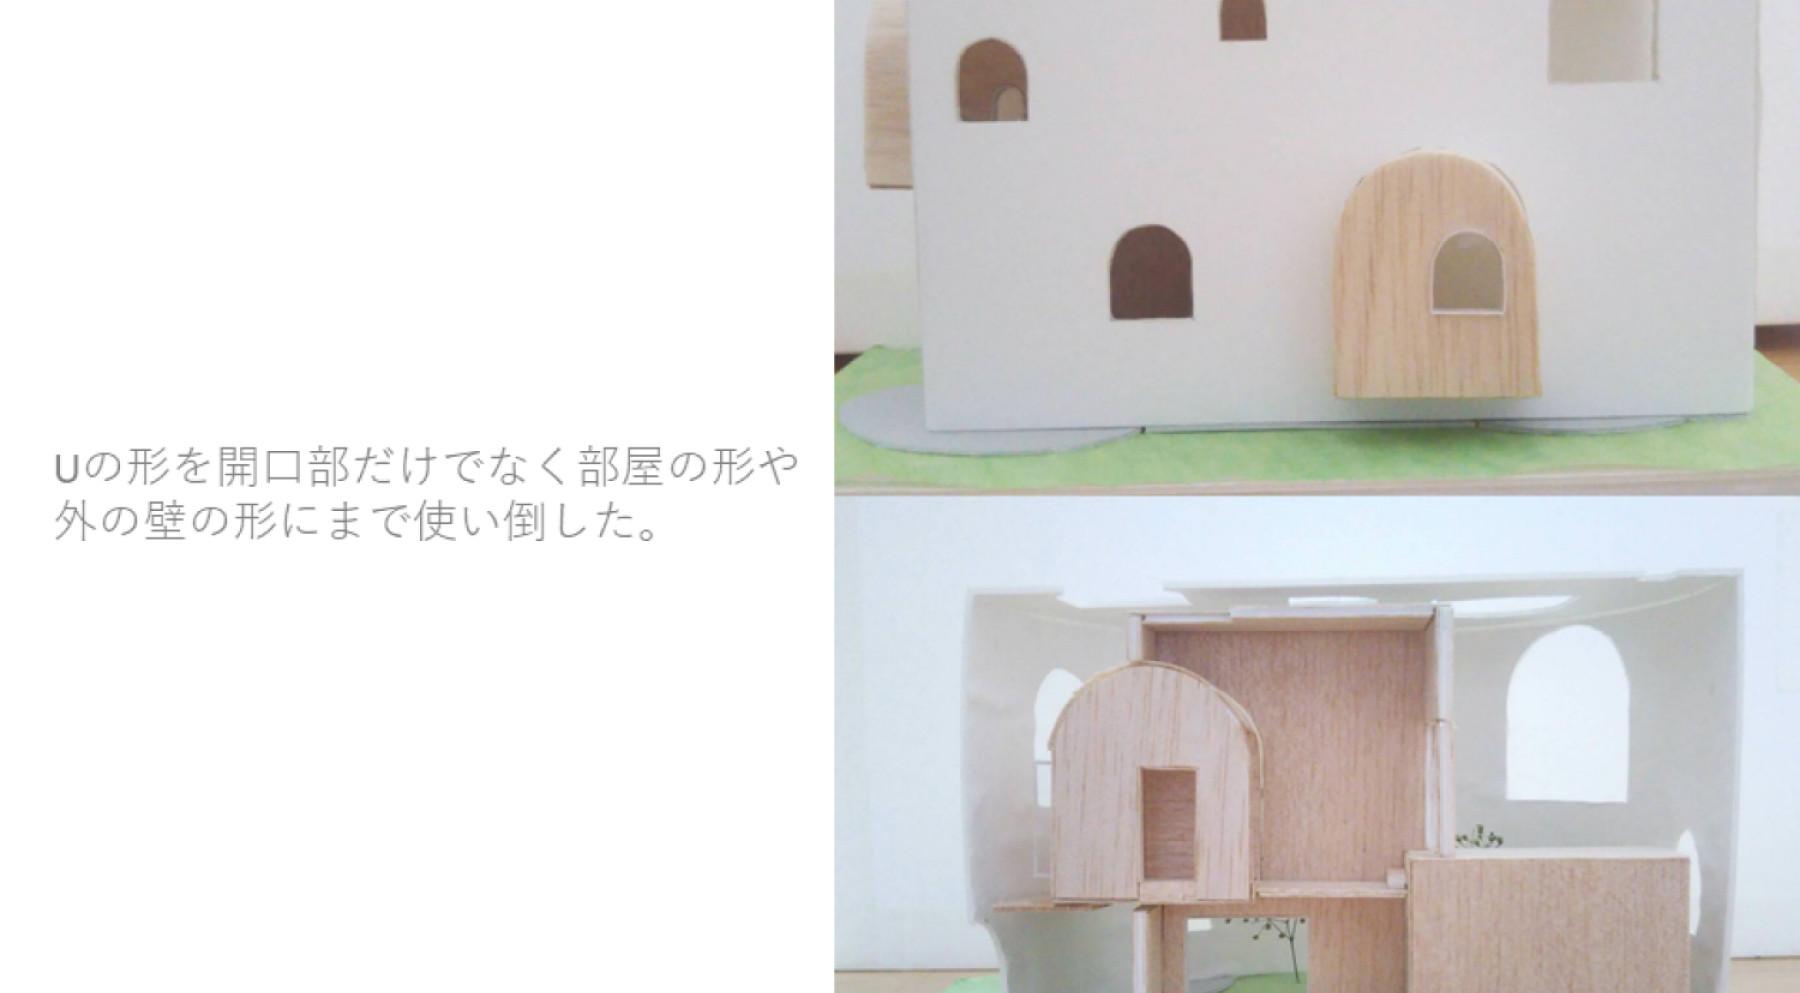 香川唯 設計製図Ⅲ 09.jpg